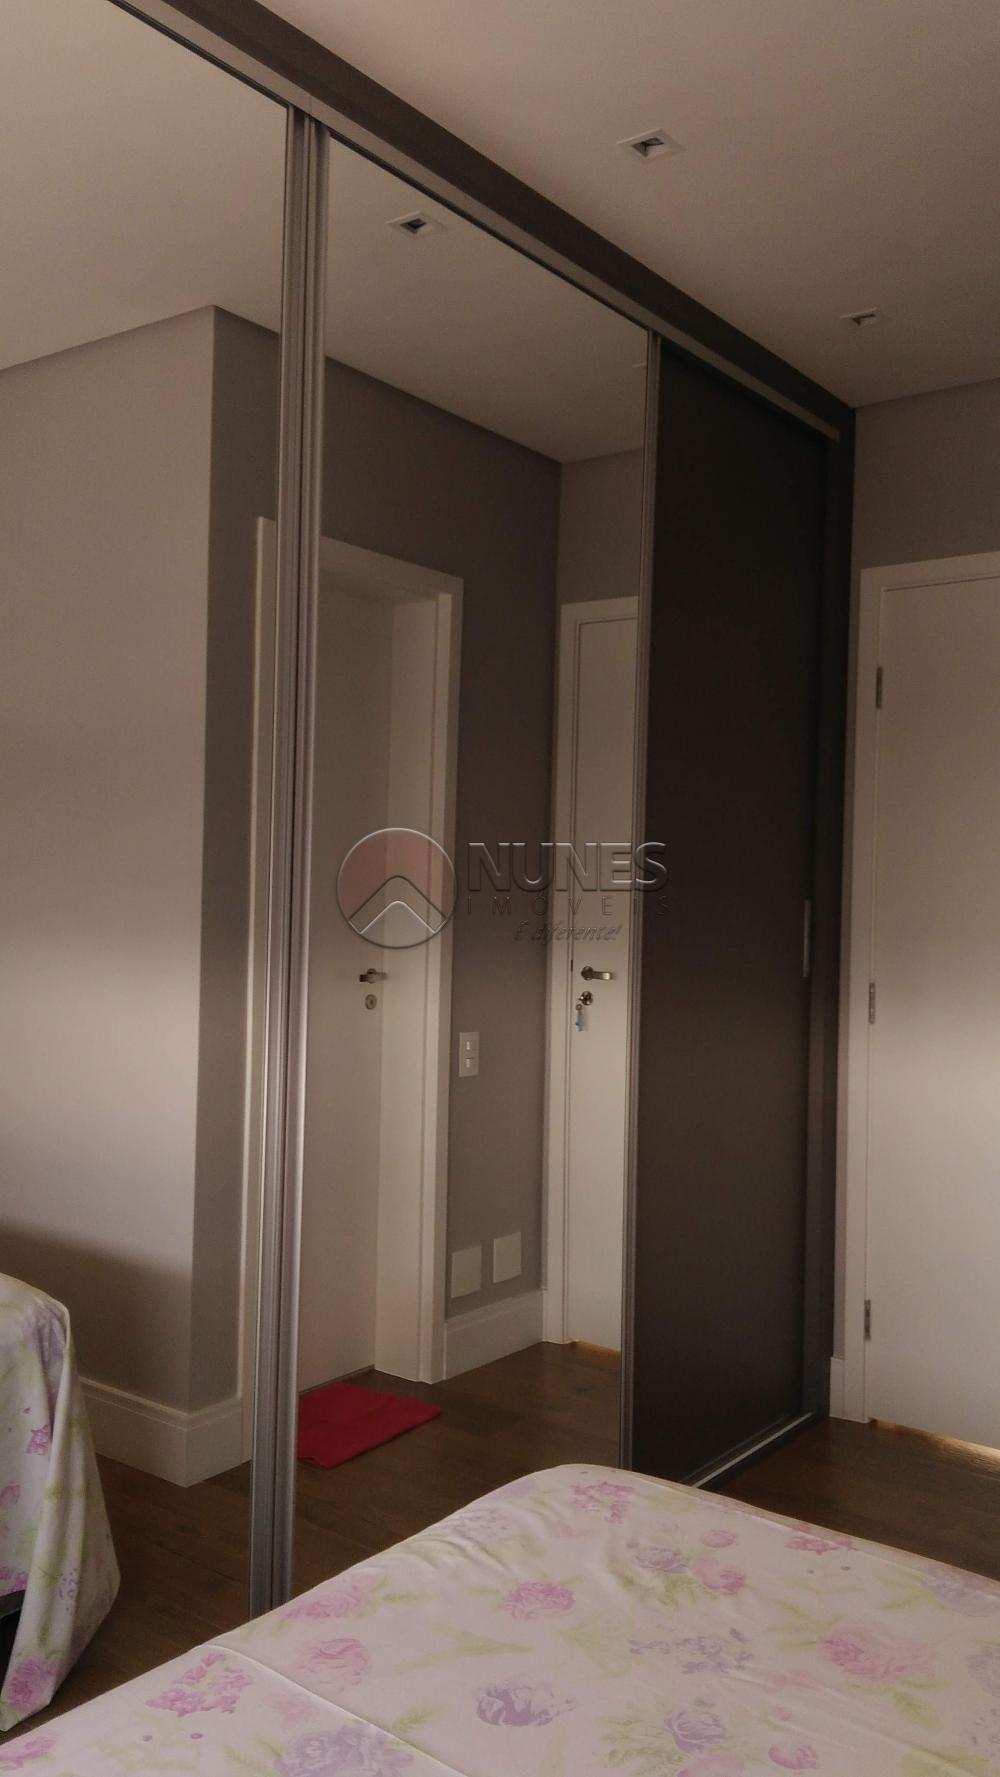 Comprar Apartamento / Padrão em Osasco R$ 850.000,00 - Foto 31